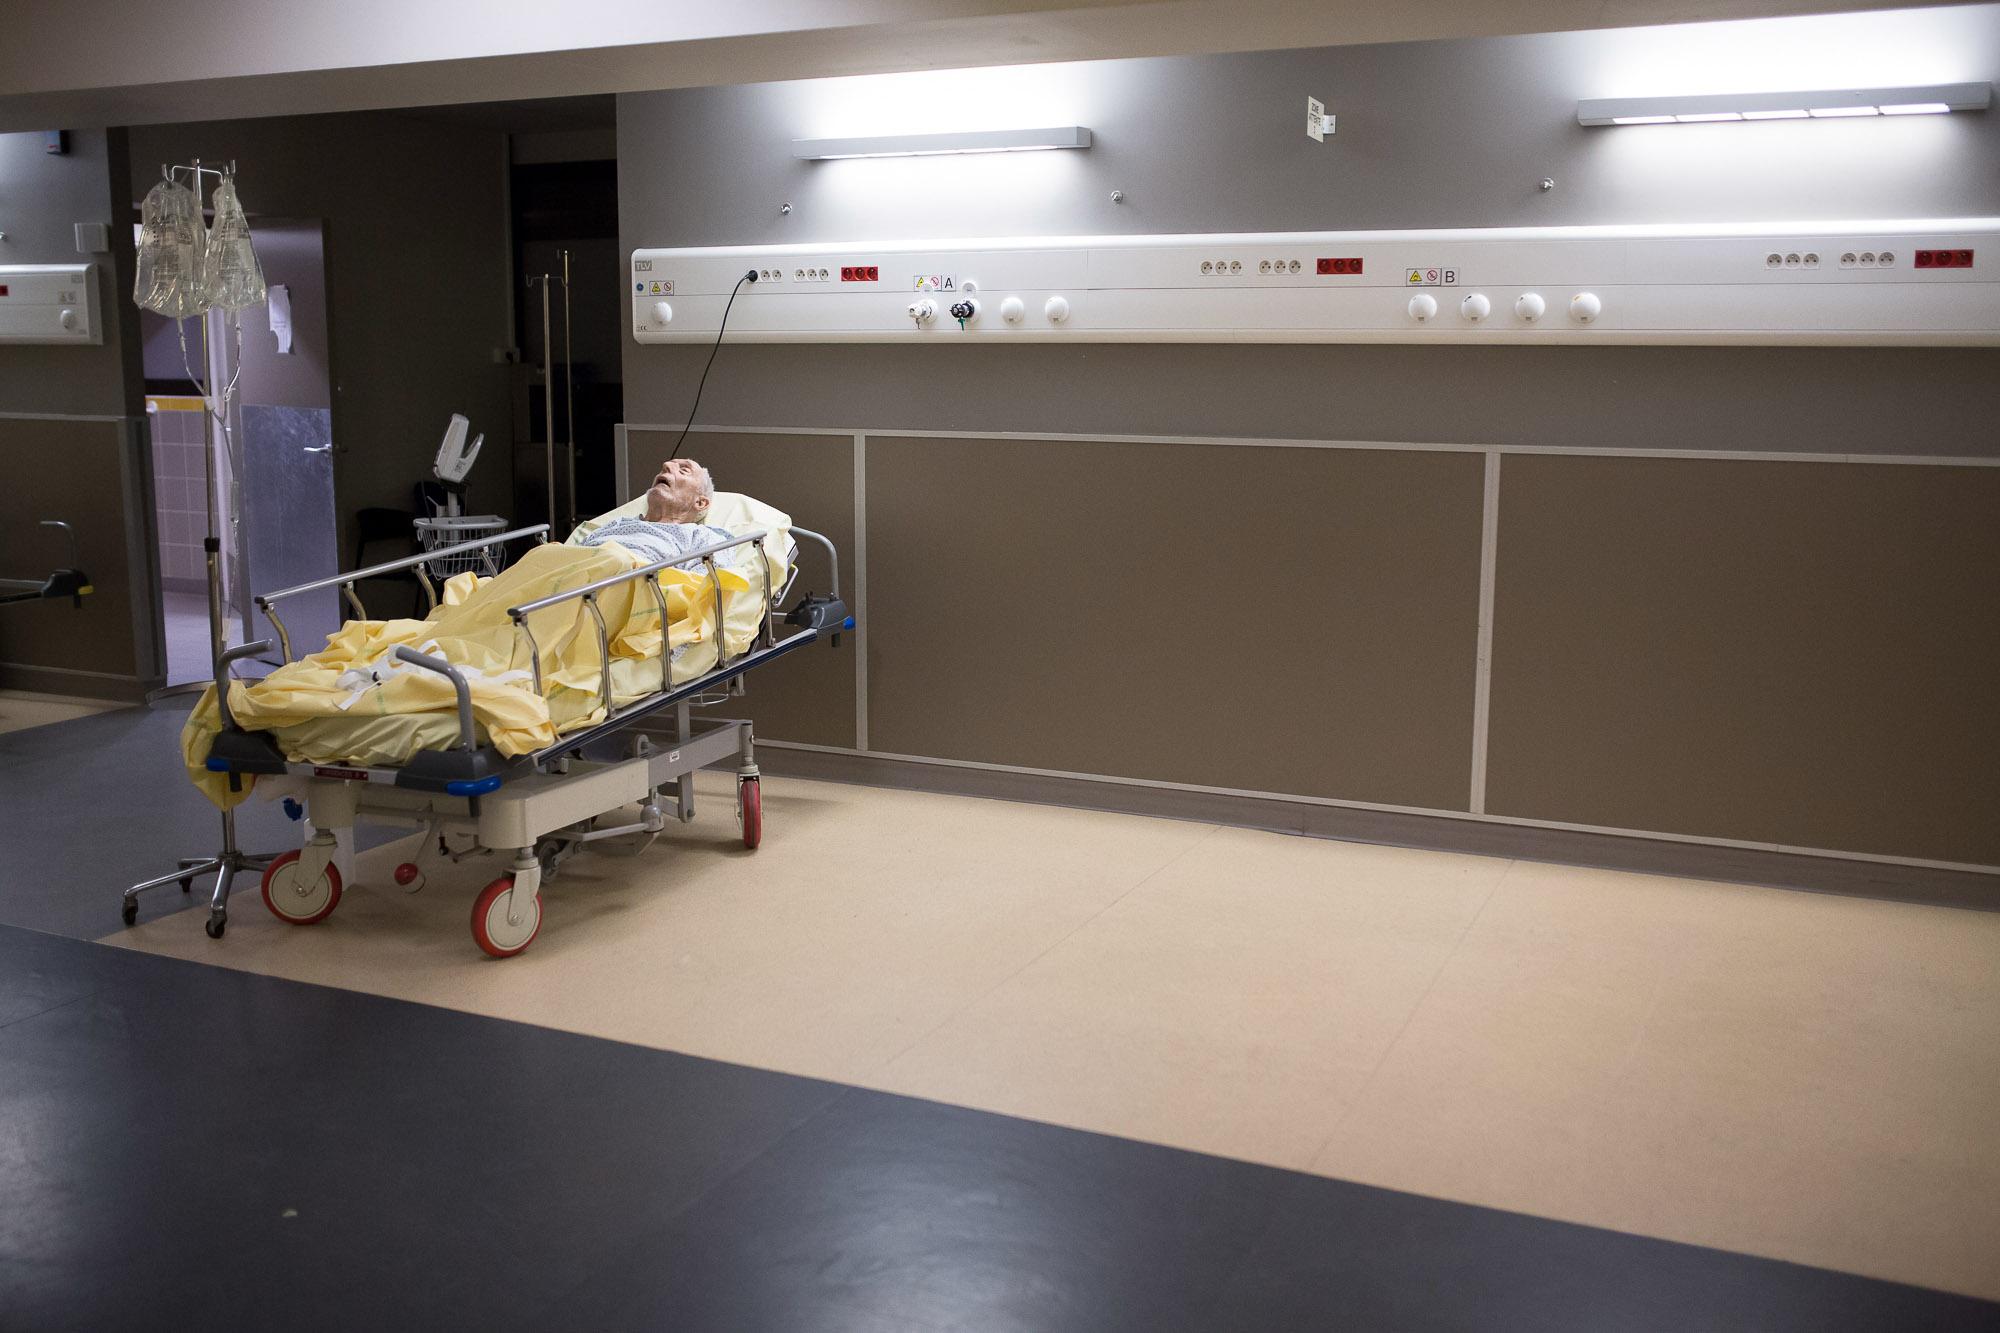 Un patient dort en zone de soin des urgences. Ce service d'urgen